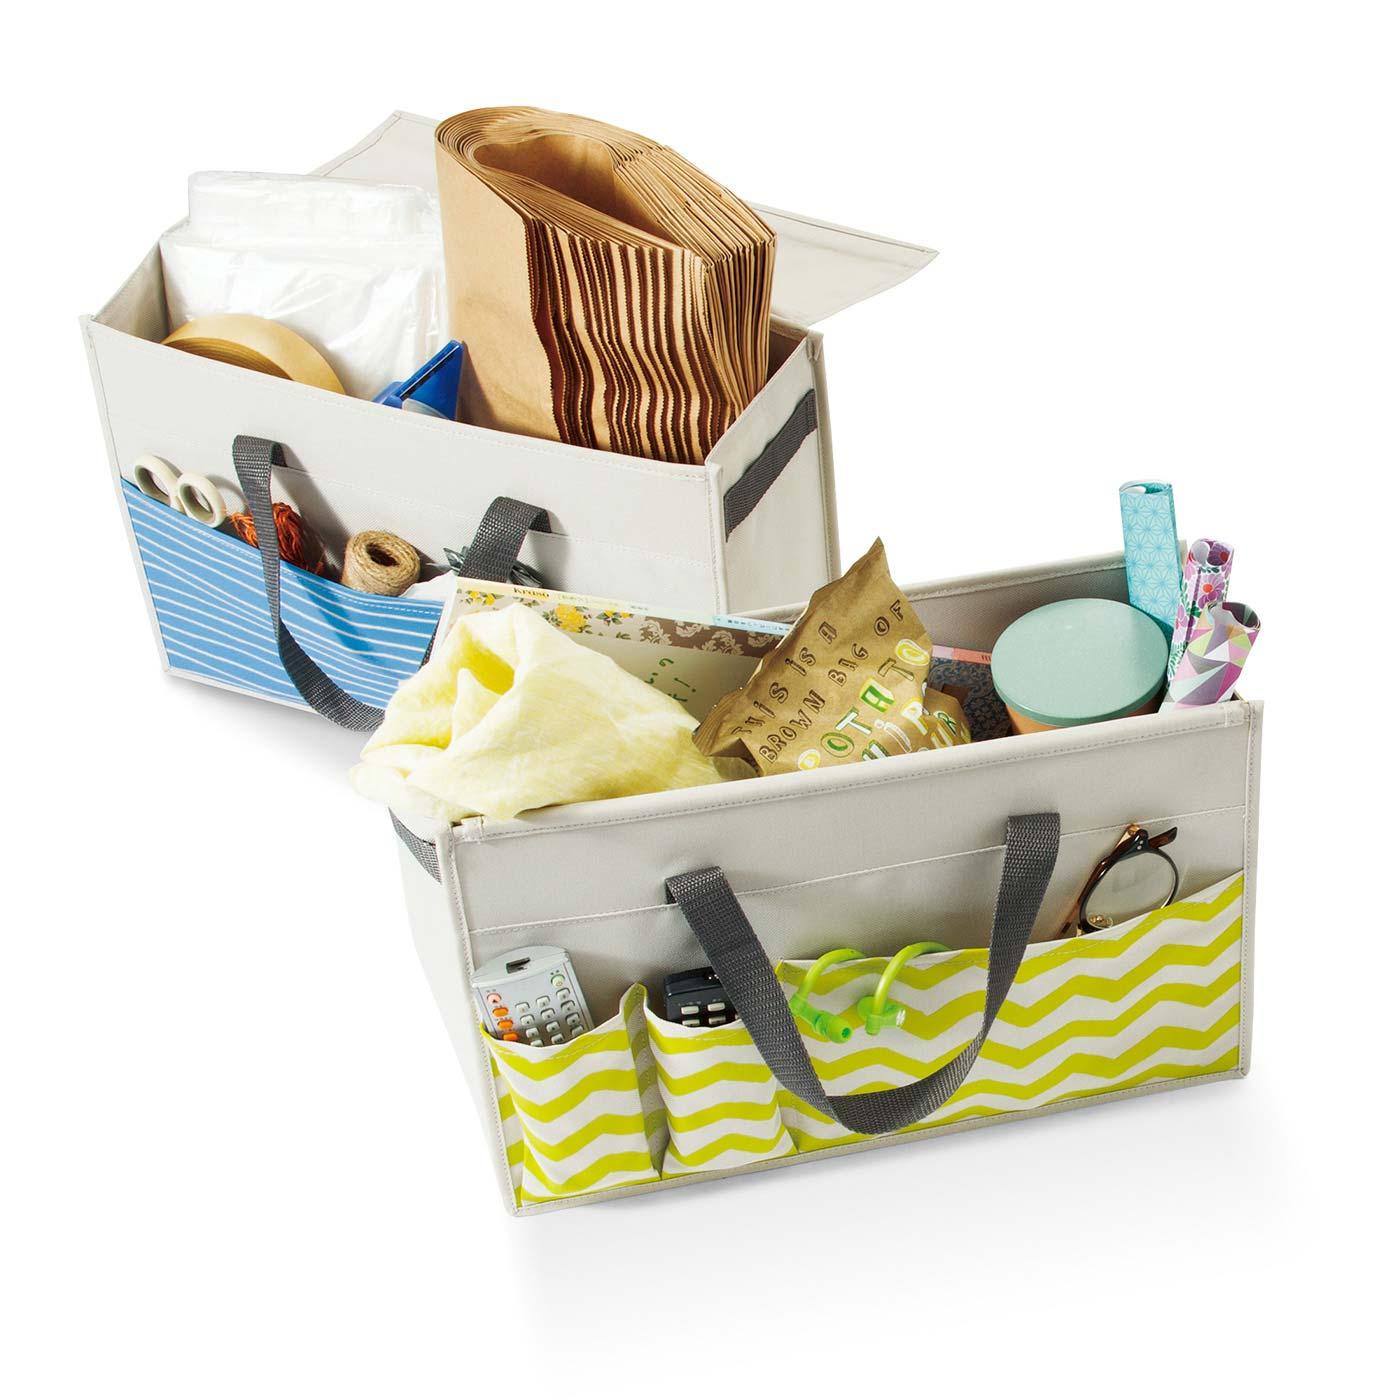 ゴミ出しセットやおやつ、忘れがちな小物などを入れて。目隠しカバー付き。